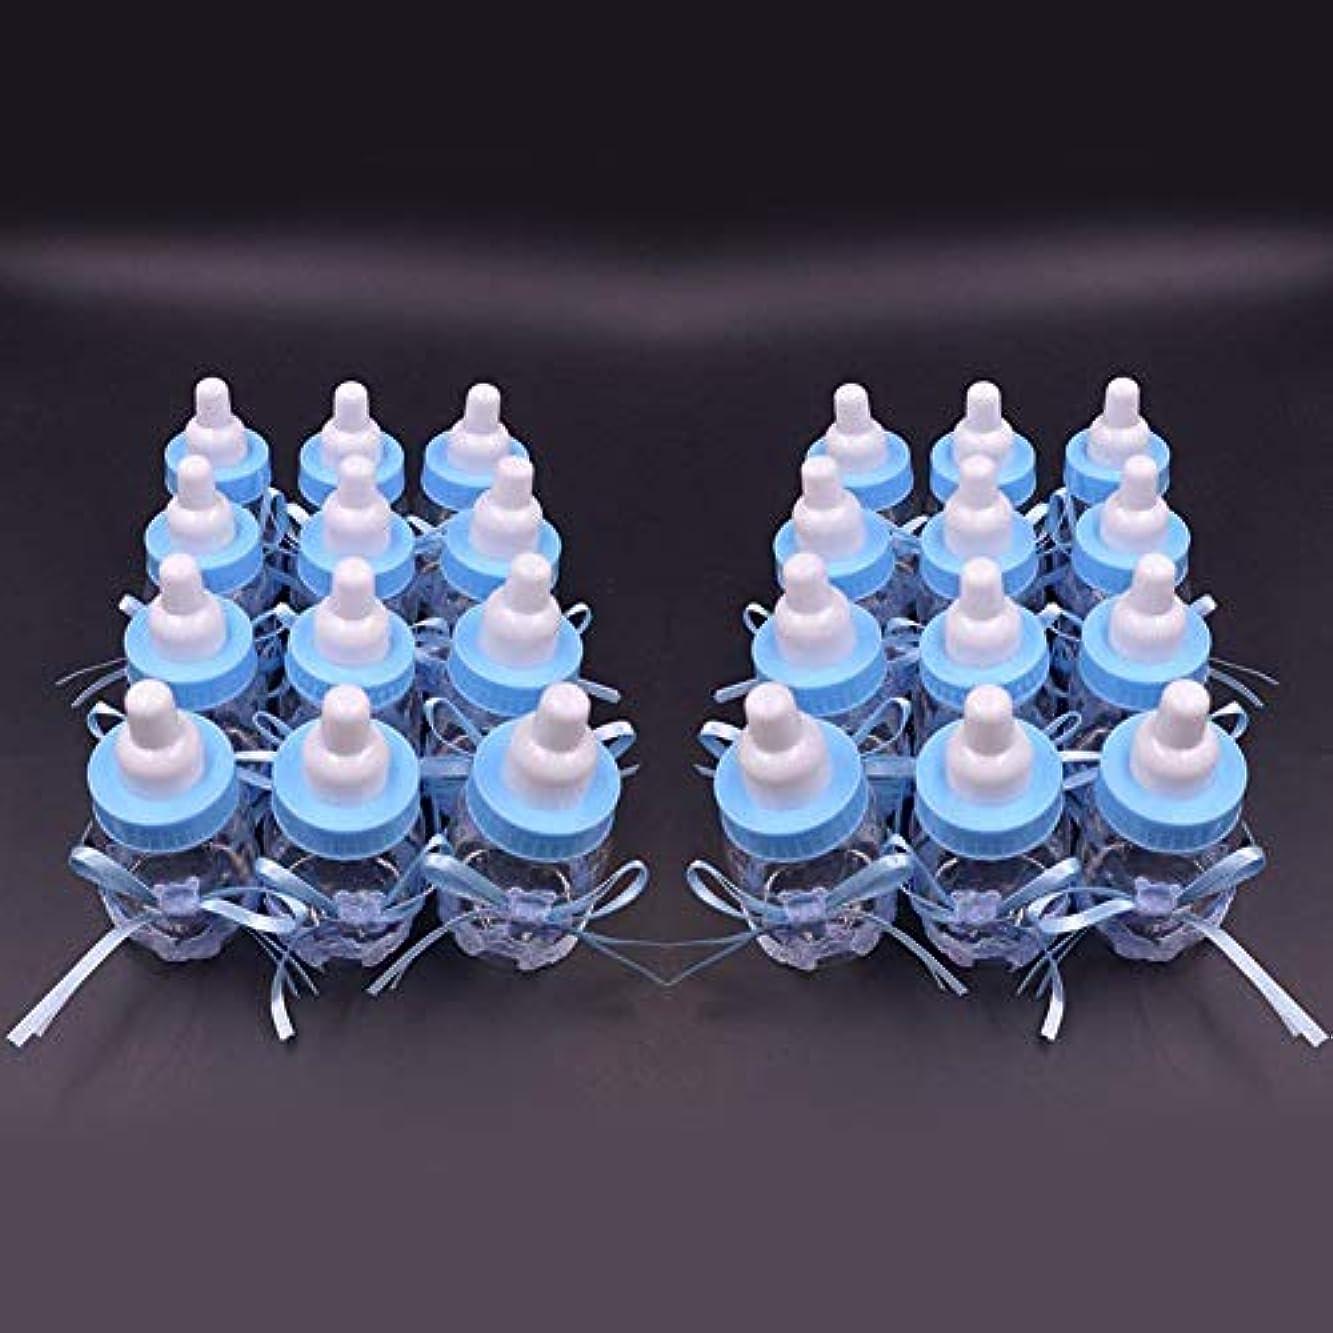 媒染剤請う買い手Cozyswan 哺乳瓶造形お菓子入れ キャンディー入れ ボトル 24個入 撮影 写真用 ギフト 誕生日 パーティー クリスマス 新年 お祝い お祭り かわいい (ブルー)